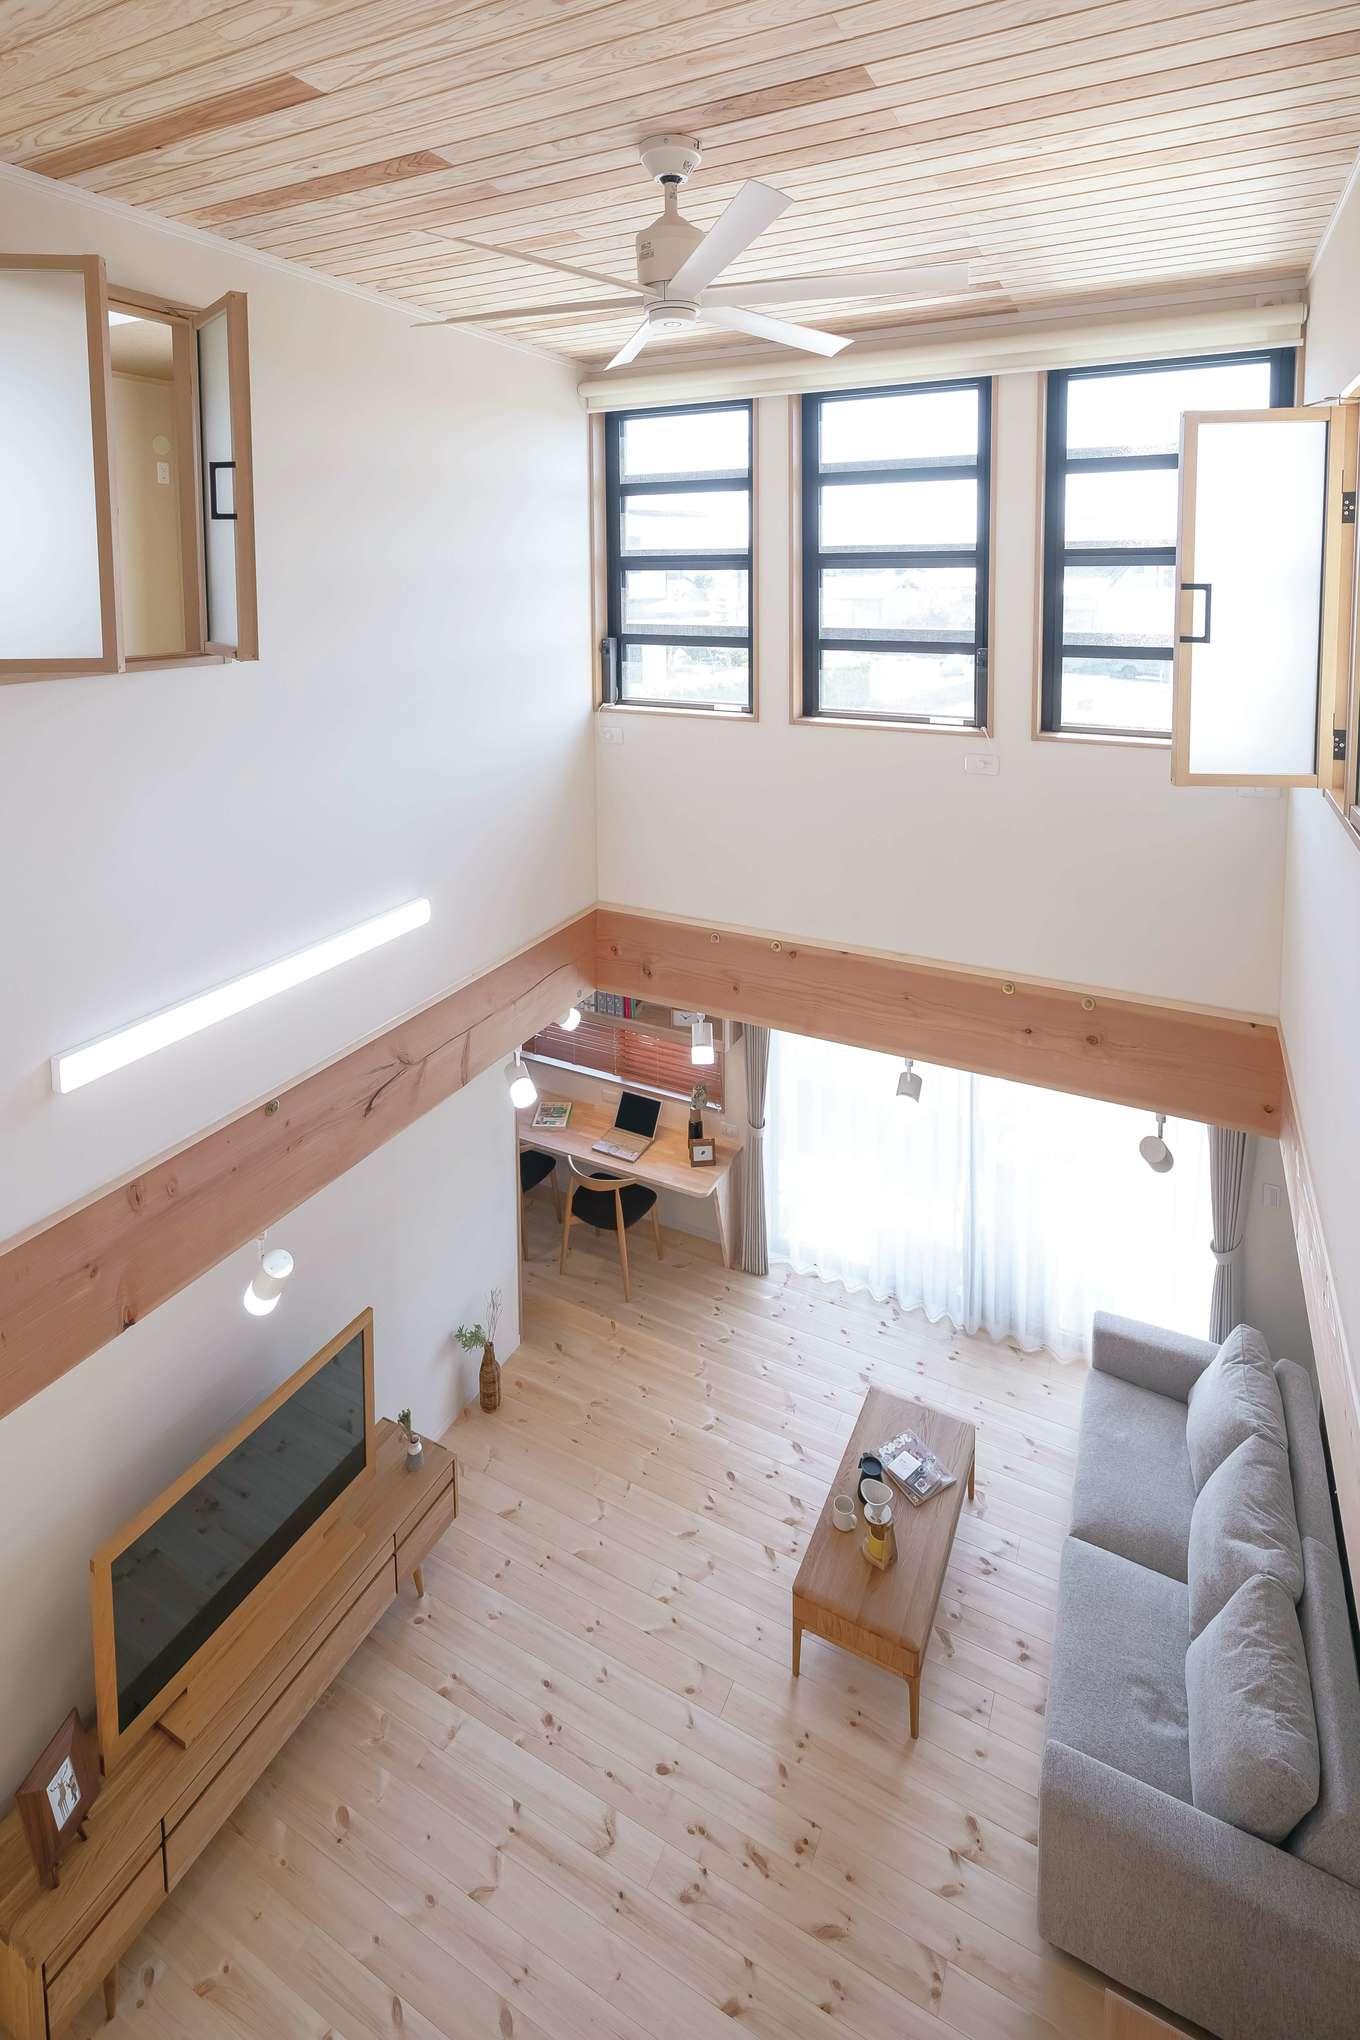 住まいるコーポレーション【収納力、自然素材、デザイン住宅】吹抜けと無垢板張りの勾配天井が、圧倒的な開放感をもたらすLDK。2階の各室に室内窓を設けてあるので、窓を開ければ風が家中に巡り、1階にいる家族との会話も弾む